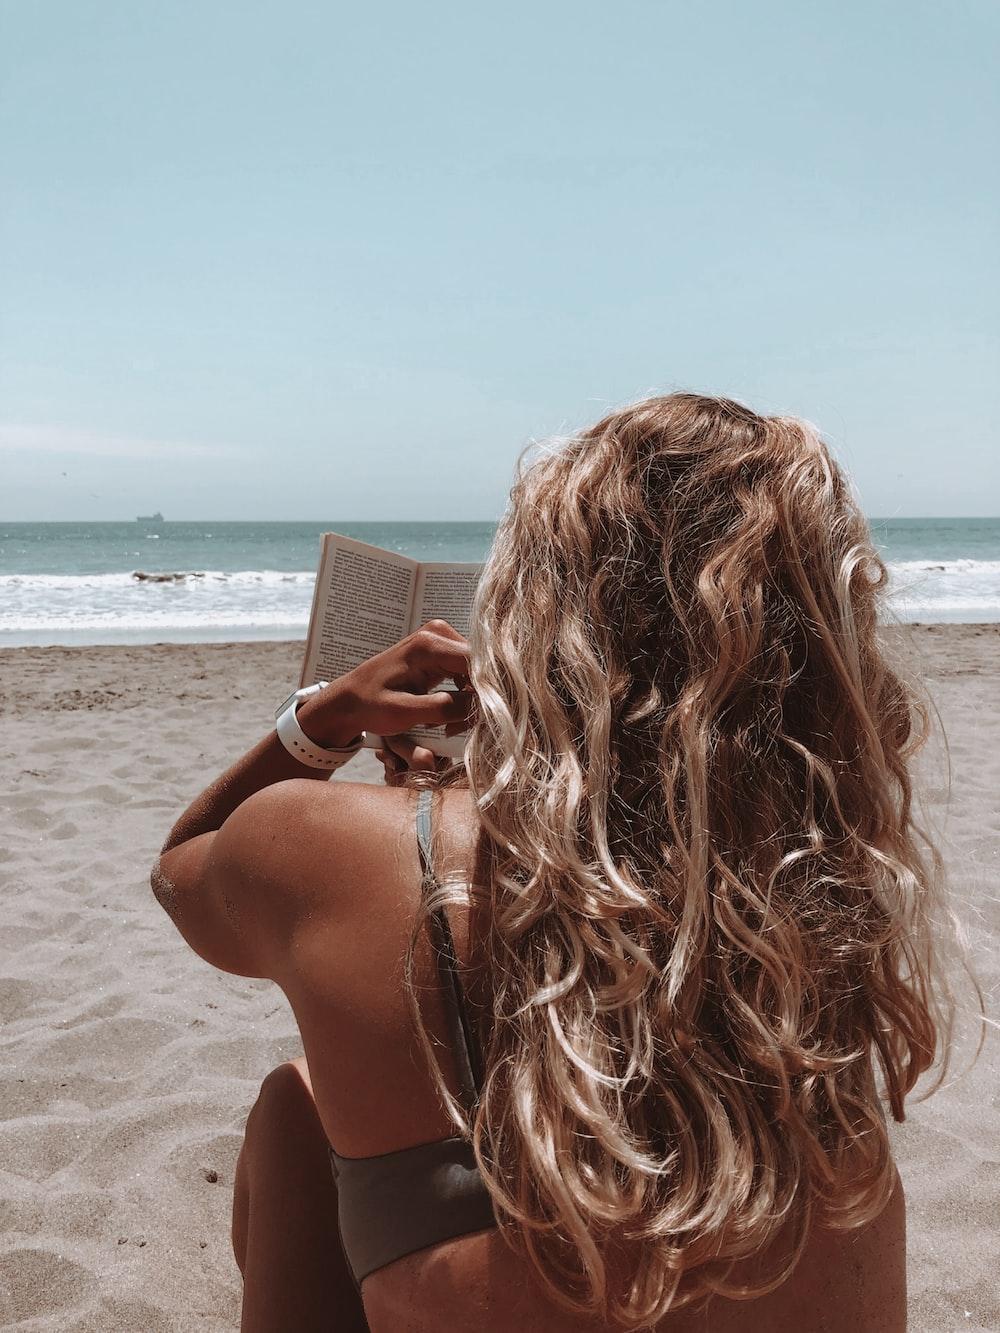 woman in brown bikini holding book